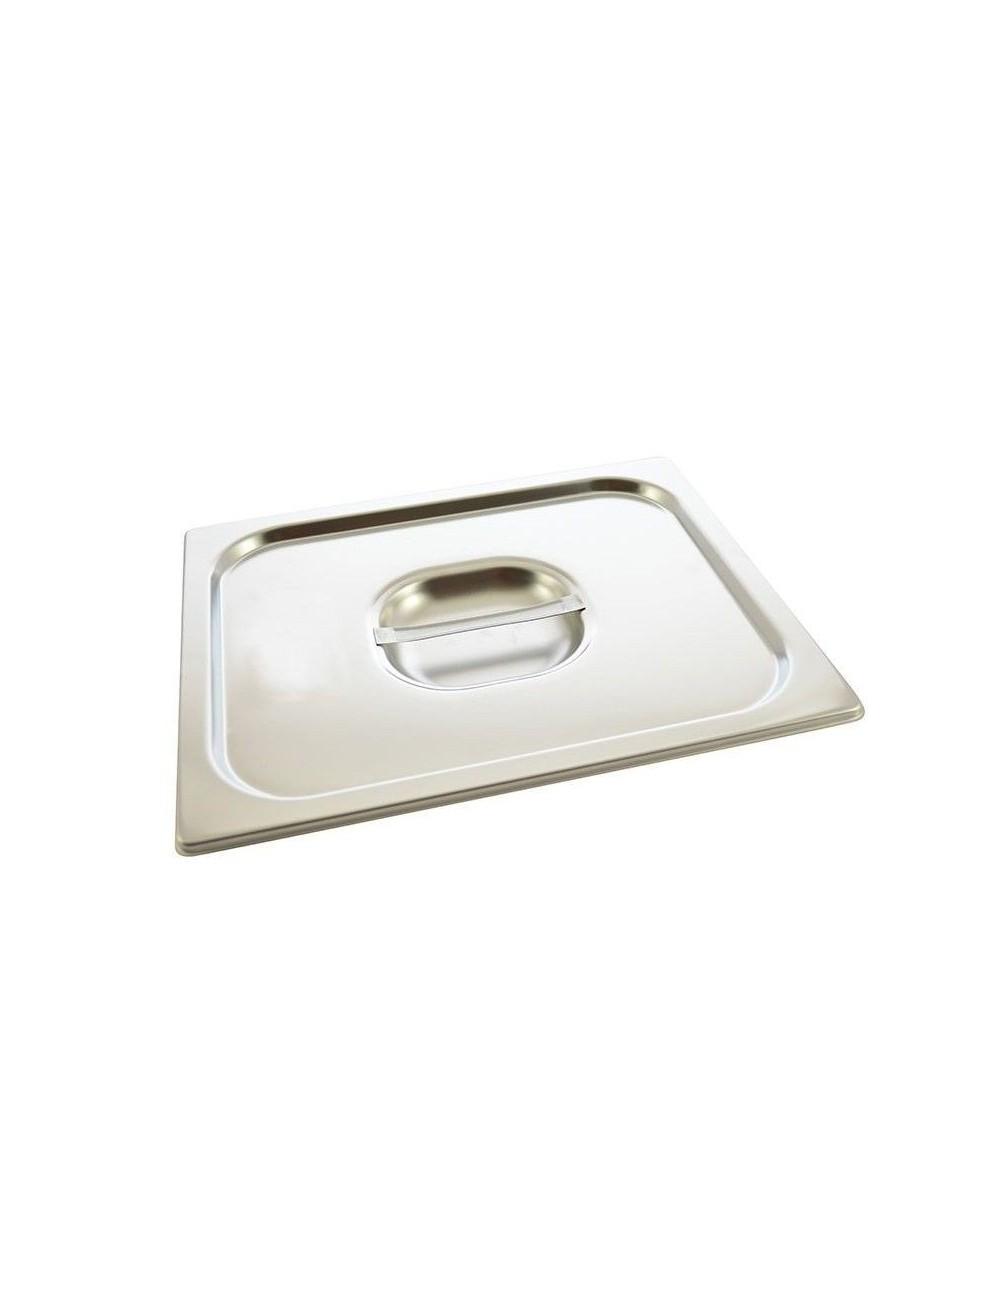 Couvercle inox pour bac gastro materiel de cuisson for Bac de cuisson inox